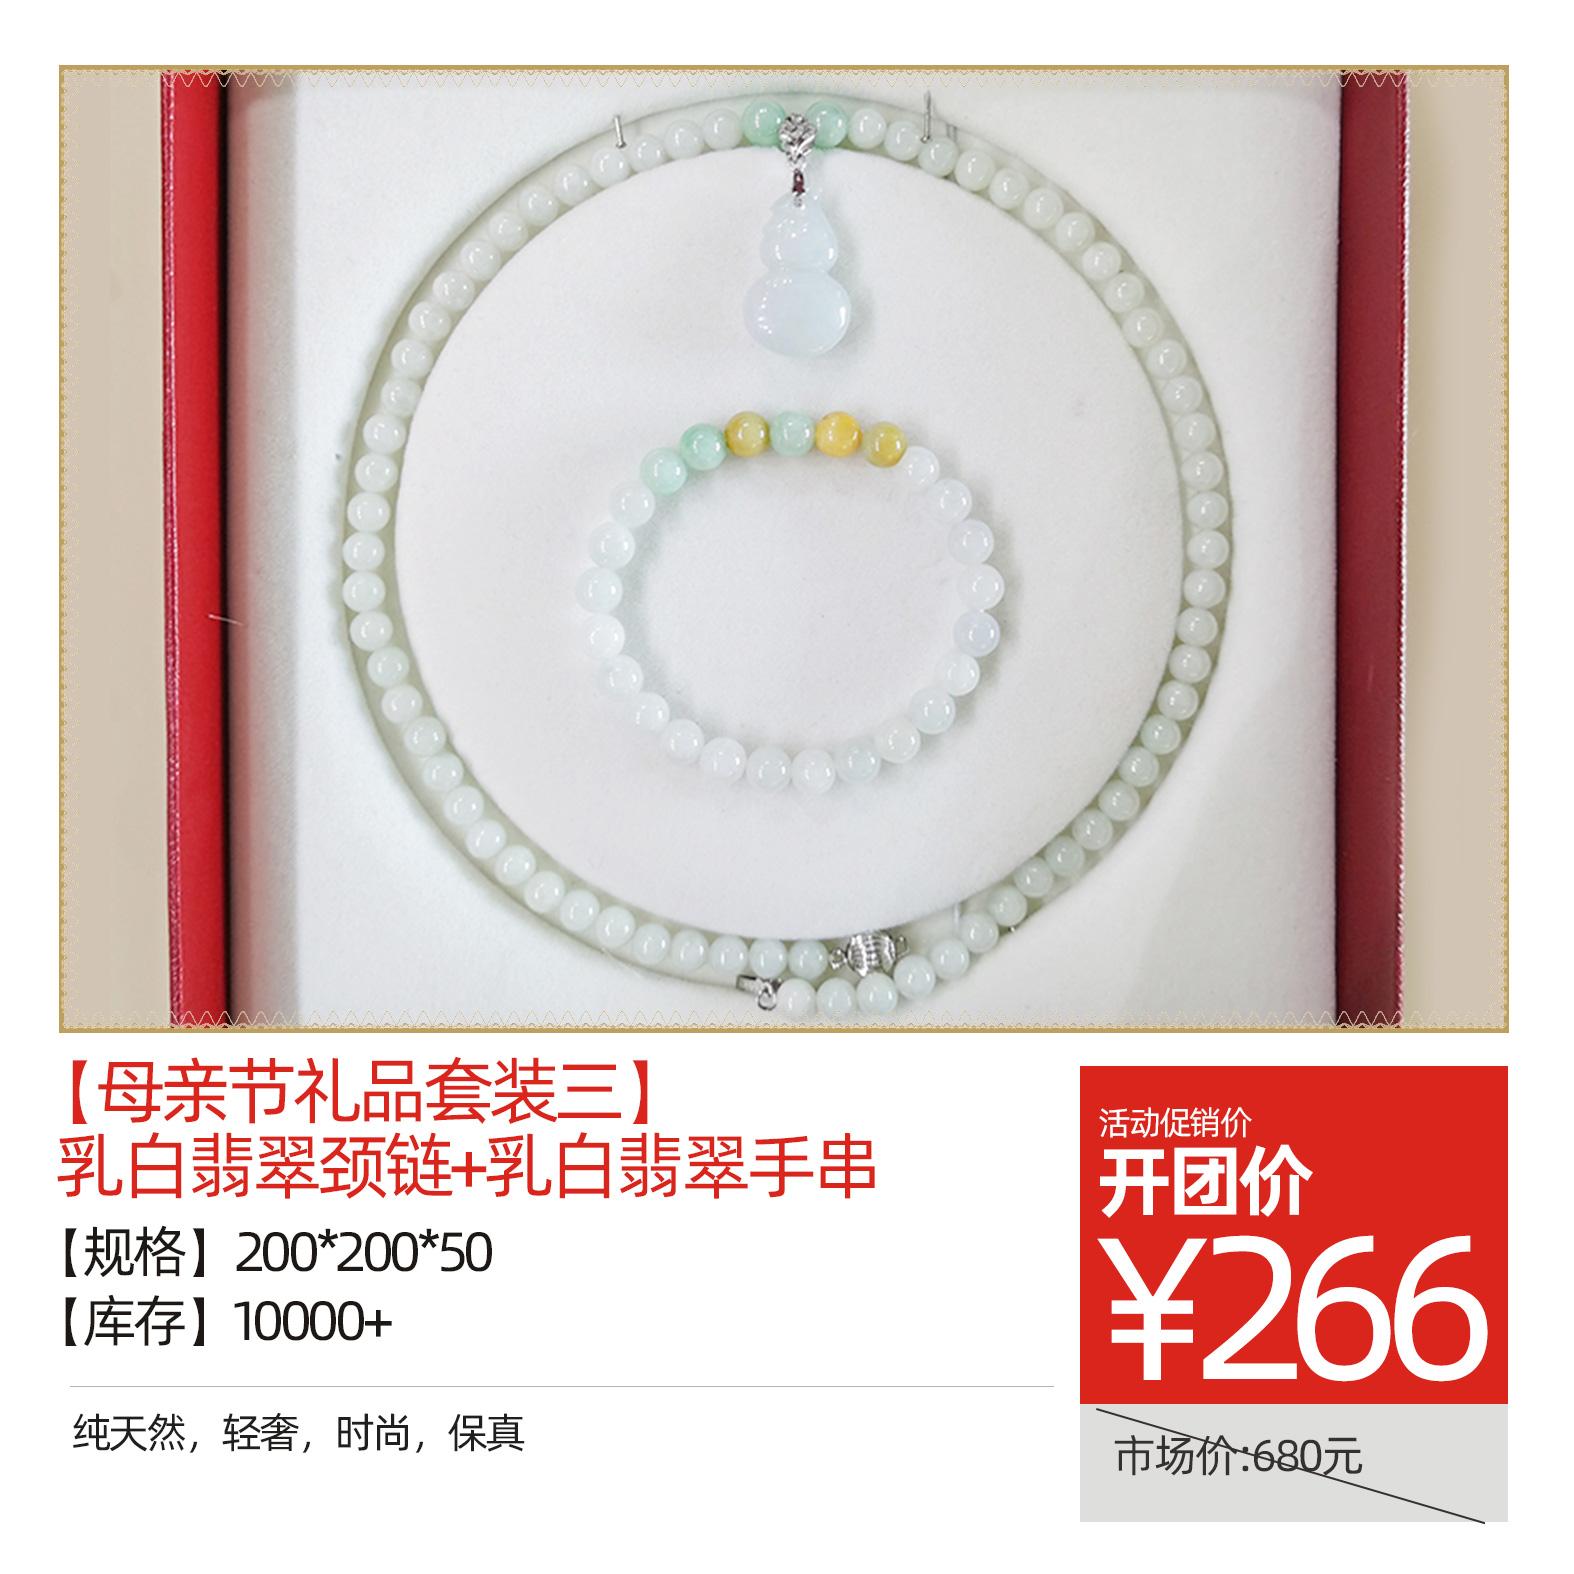 【母亲节礼品套装三】乳白翡翠颈链+乳白翡翠手串